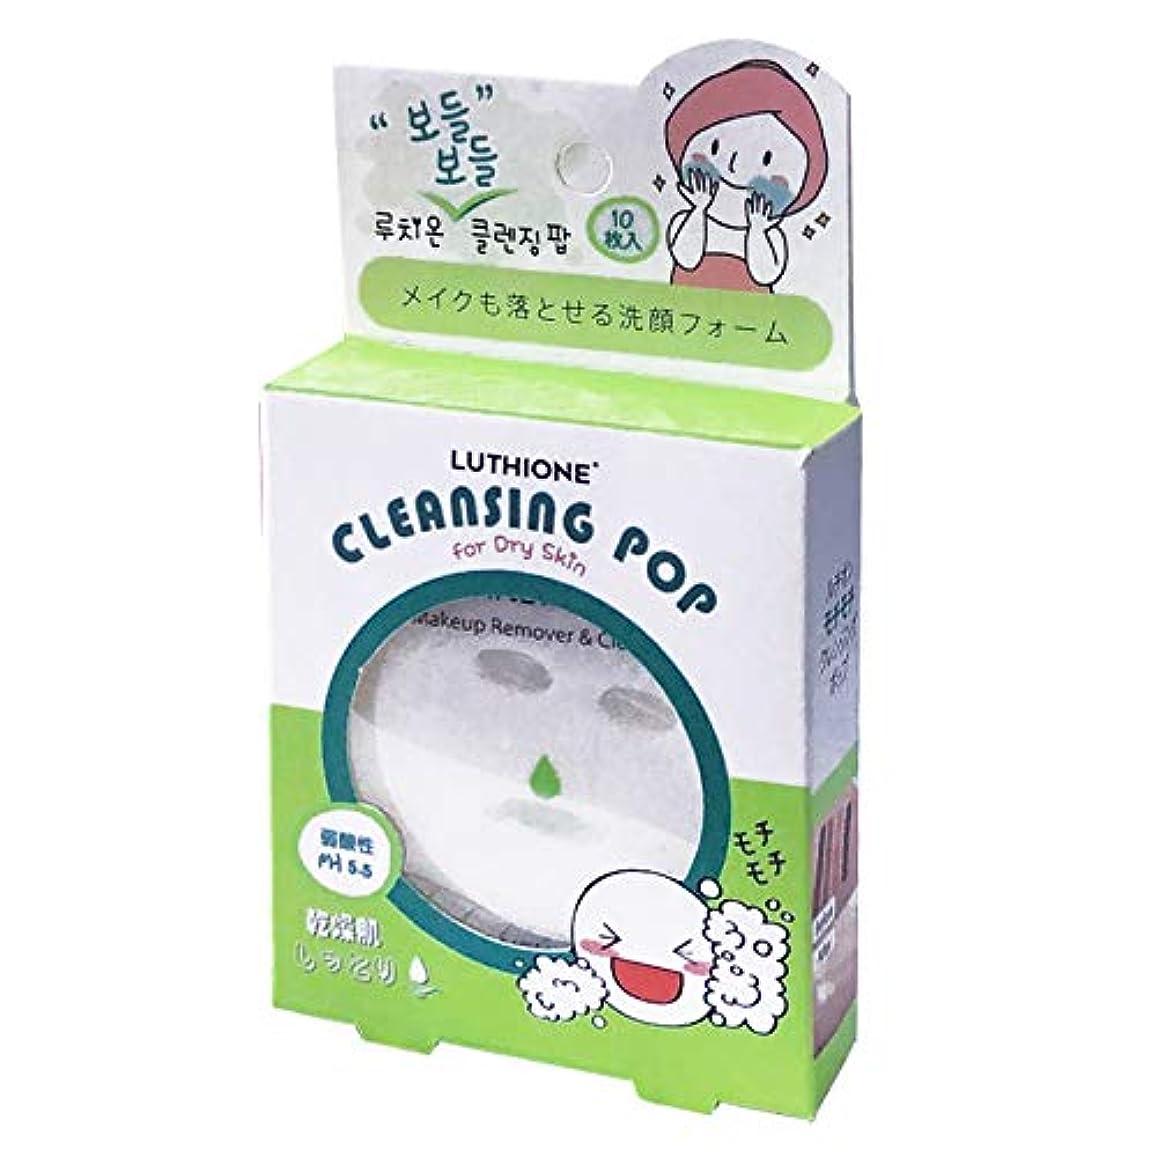 押し下げる雪の硬さ【まとめ買い】ルチオン クレンジングポップ (LUTHIONE CLEANSING POP) 乾燥肌 10枚入り ×10個